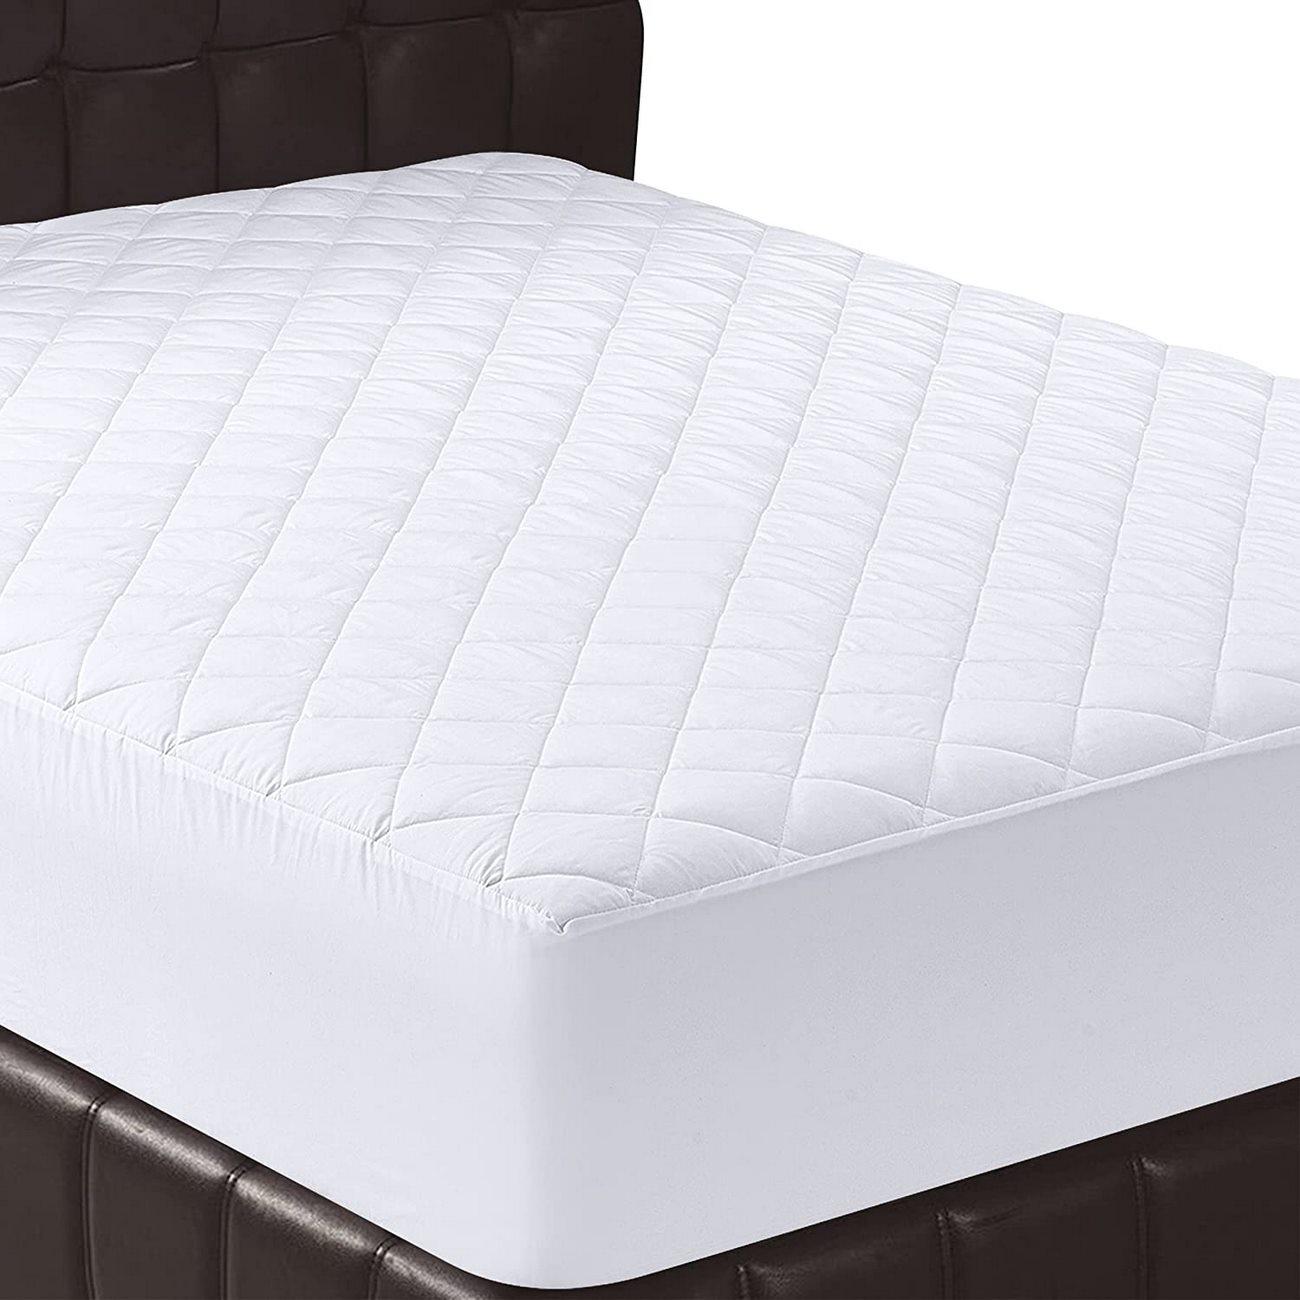 Protector de colchón Utopia Bedding